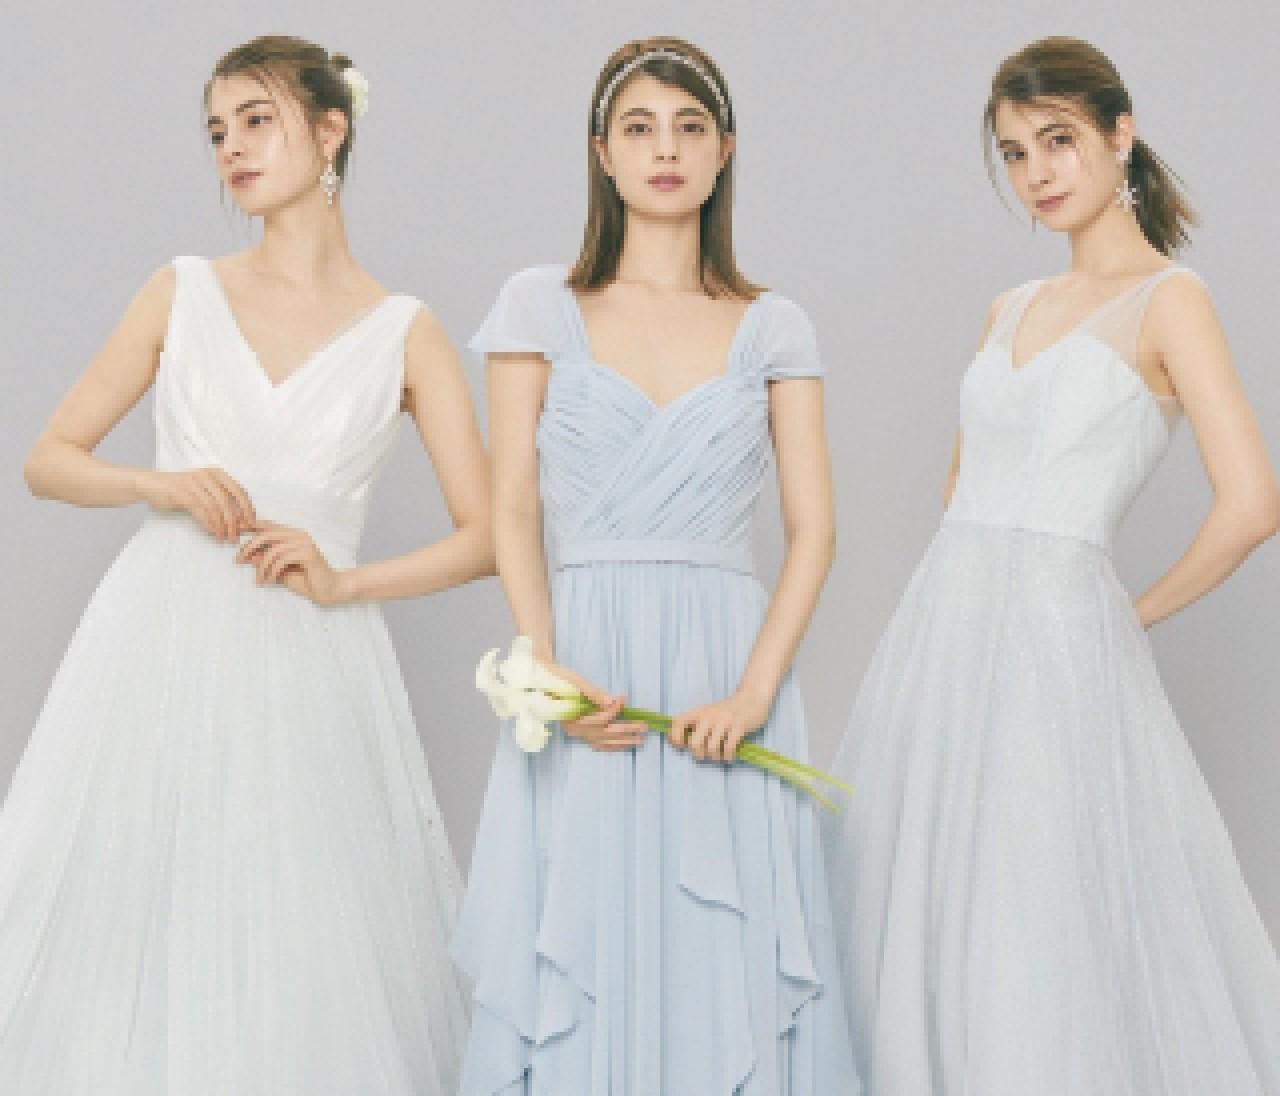 花嫁の幸せを祝福するブルードレス【10年先も美しいニュアンスカラードレス②】